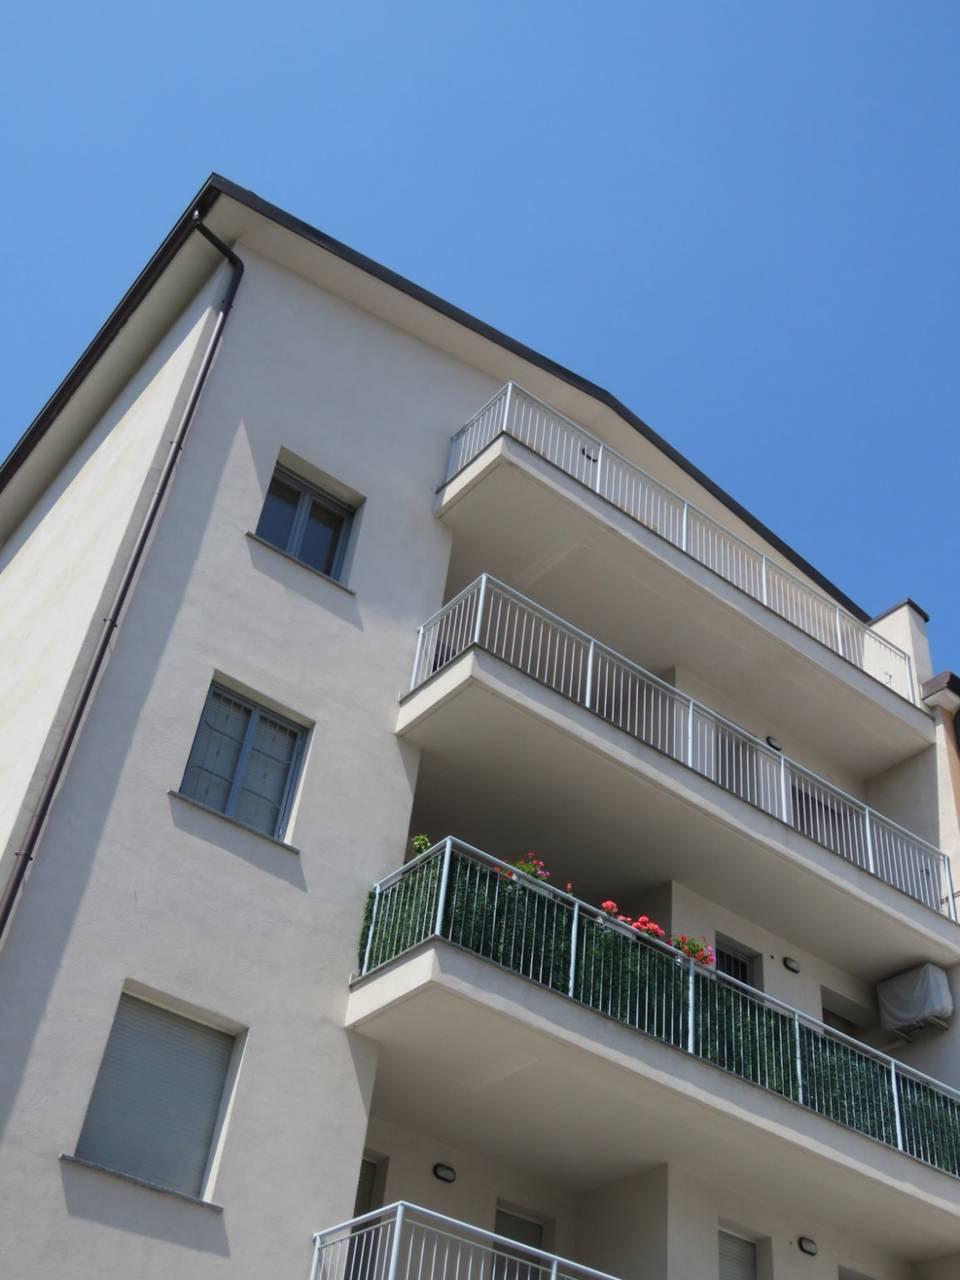 Case-nuove-in-vendita-a-Milano-MM3-28